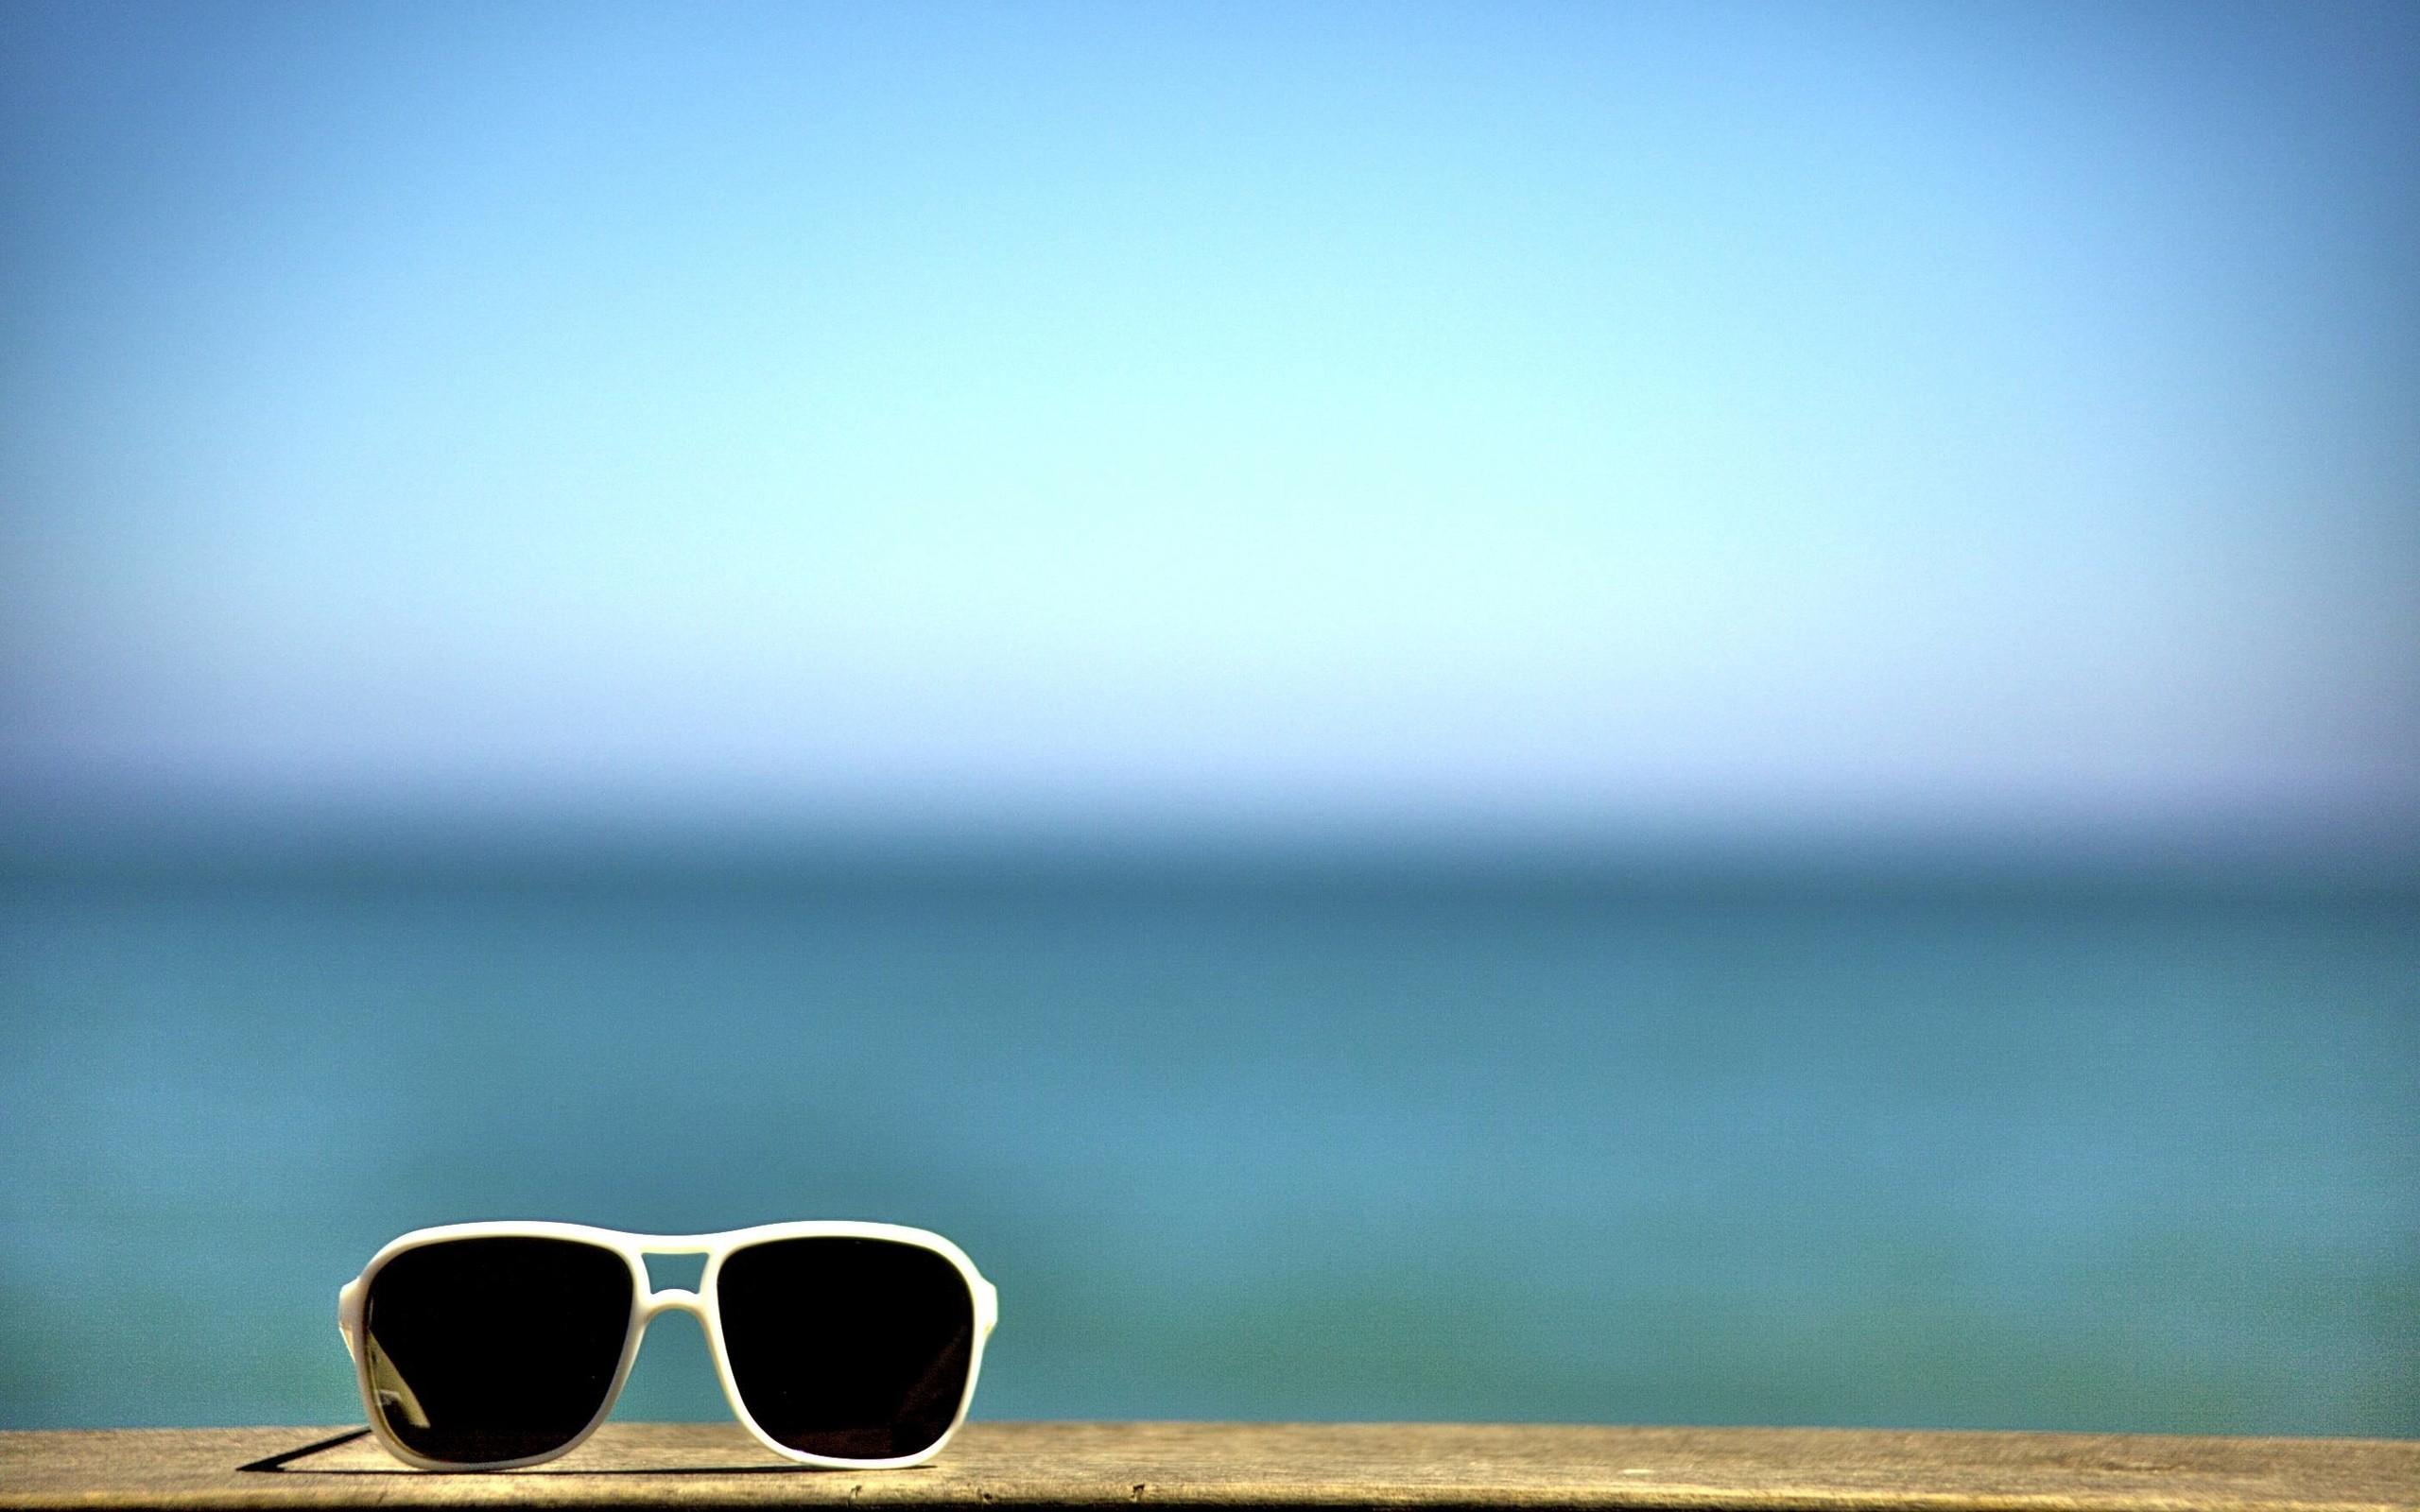 Gafas para el sol - 2560x1600